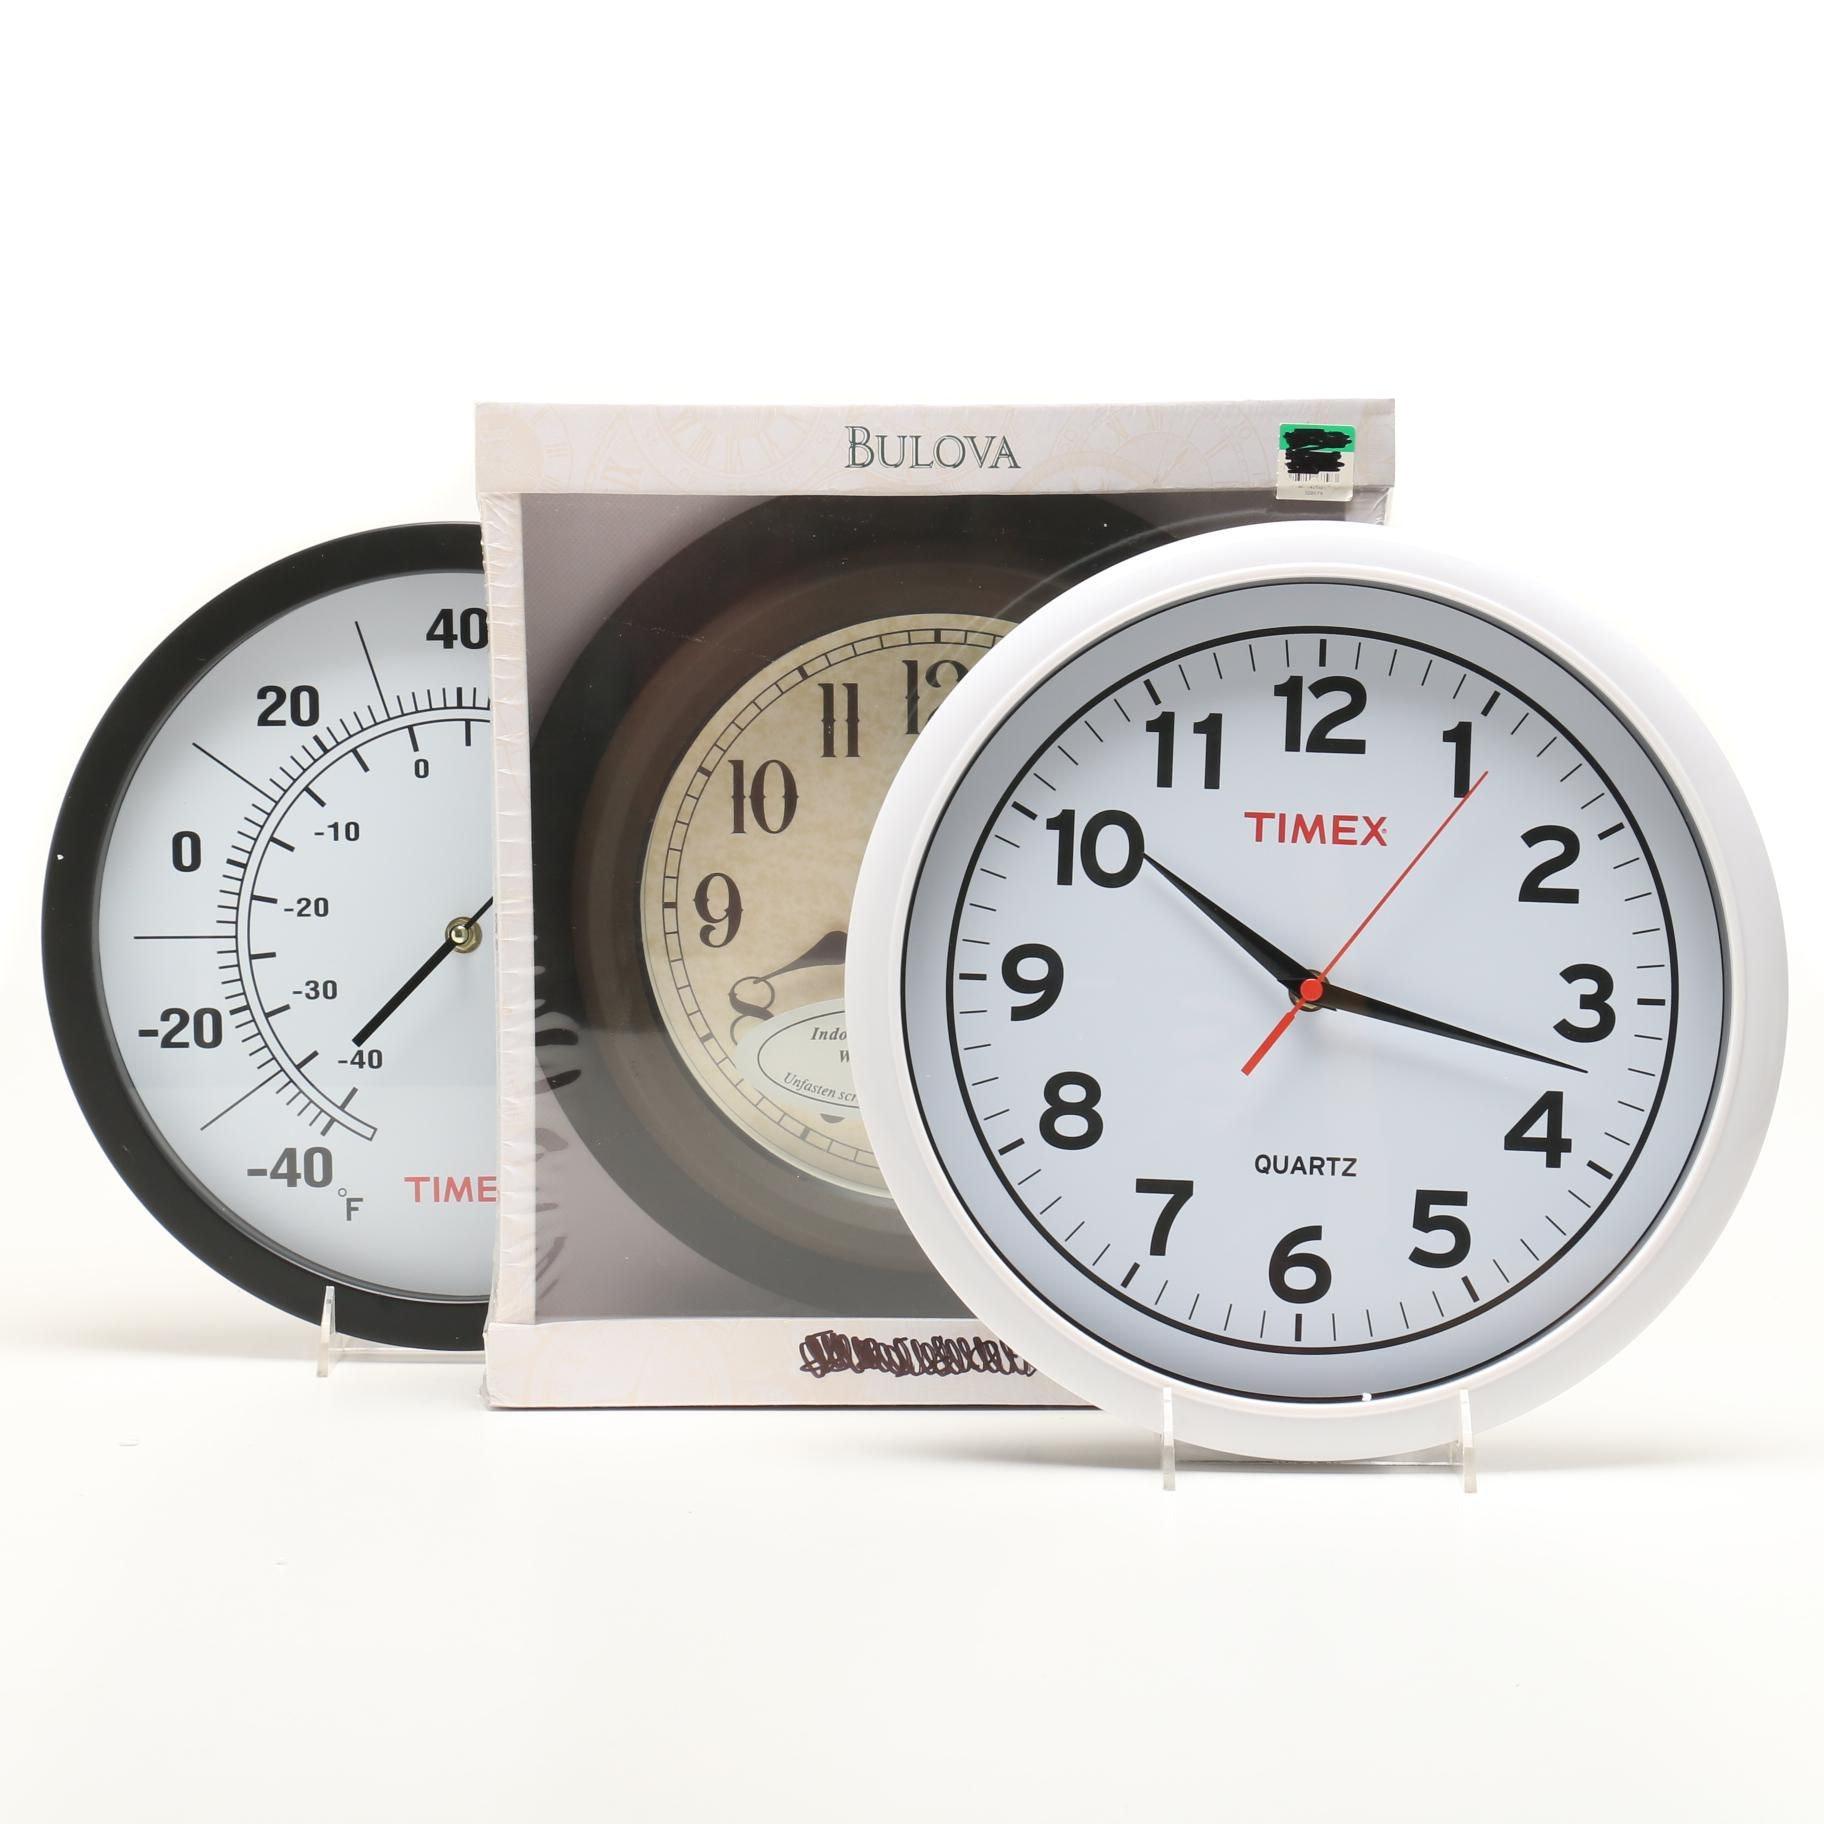 Wall Clocks Featuring Bulova